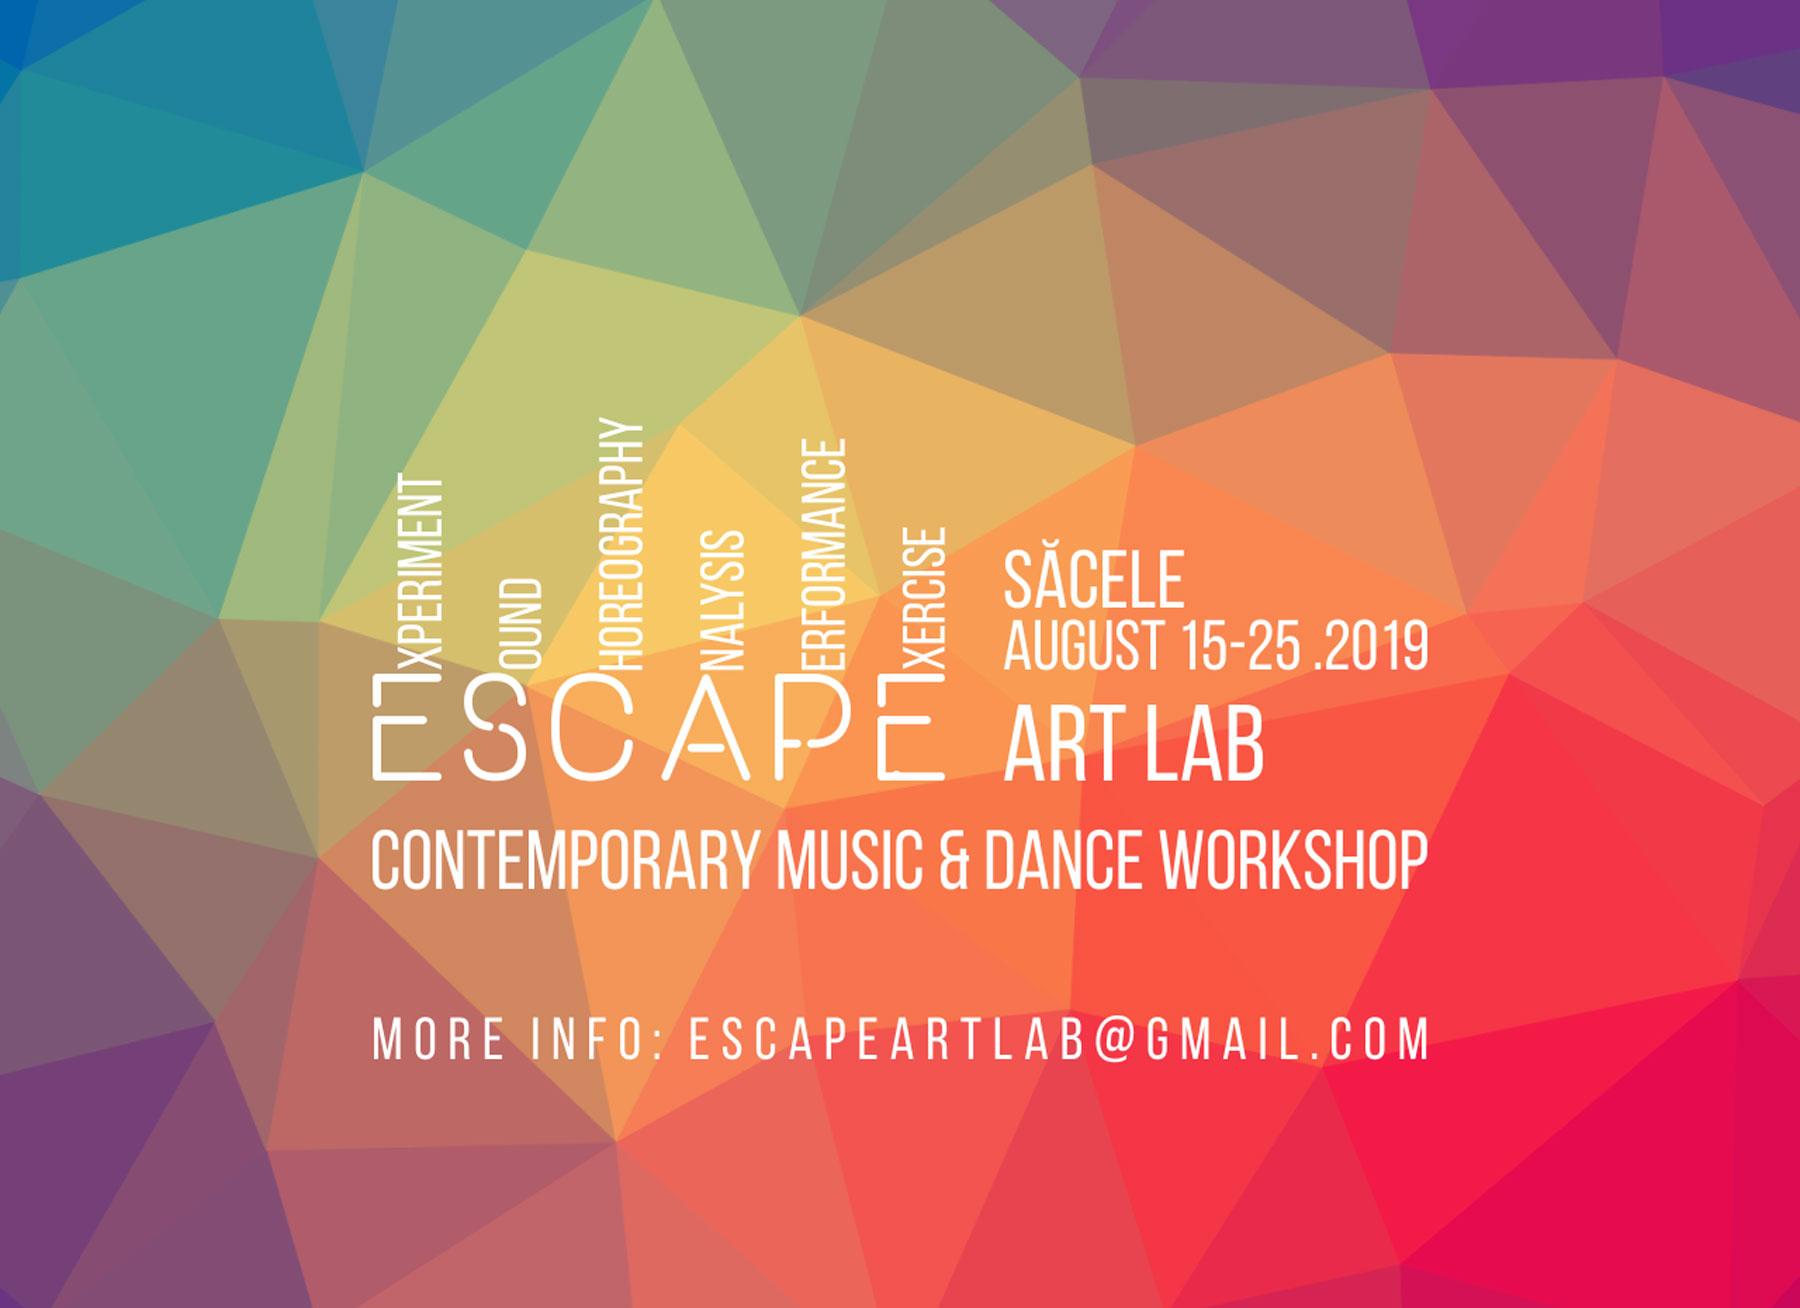 E.S.C.A.P.E. Art Lab 2019